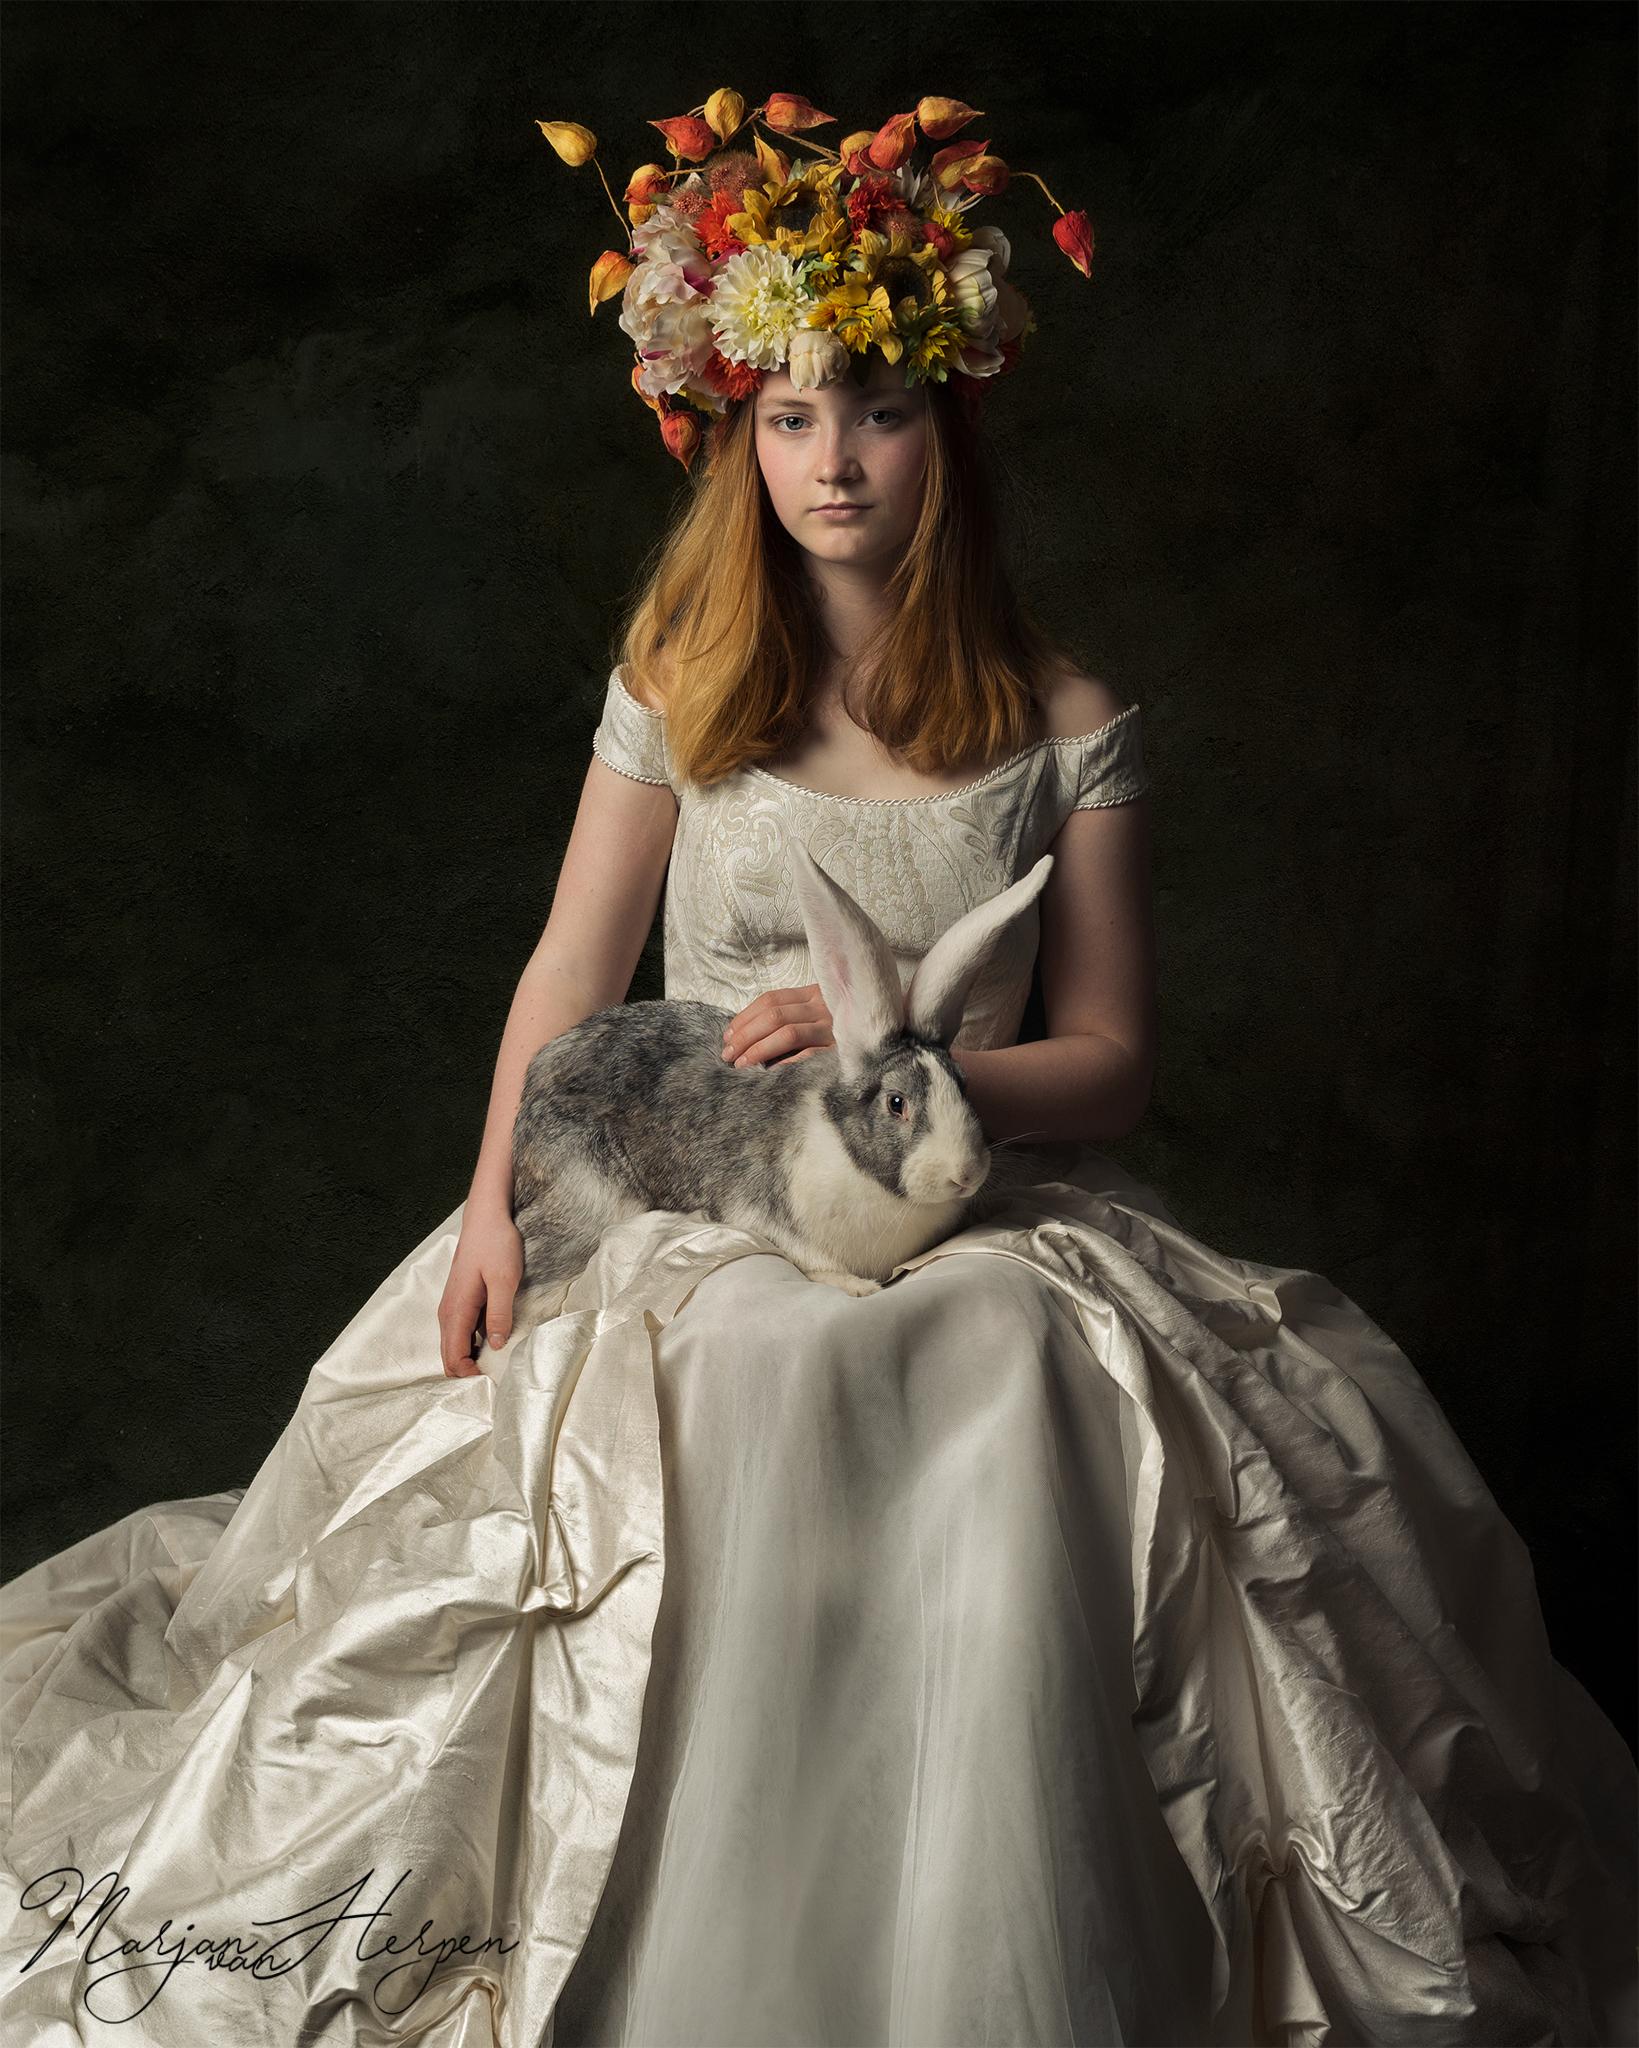 fineart kinderportret van meisje met bloemenhoofdtooi en konijn op haar schoot